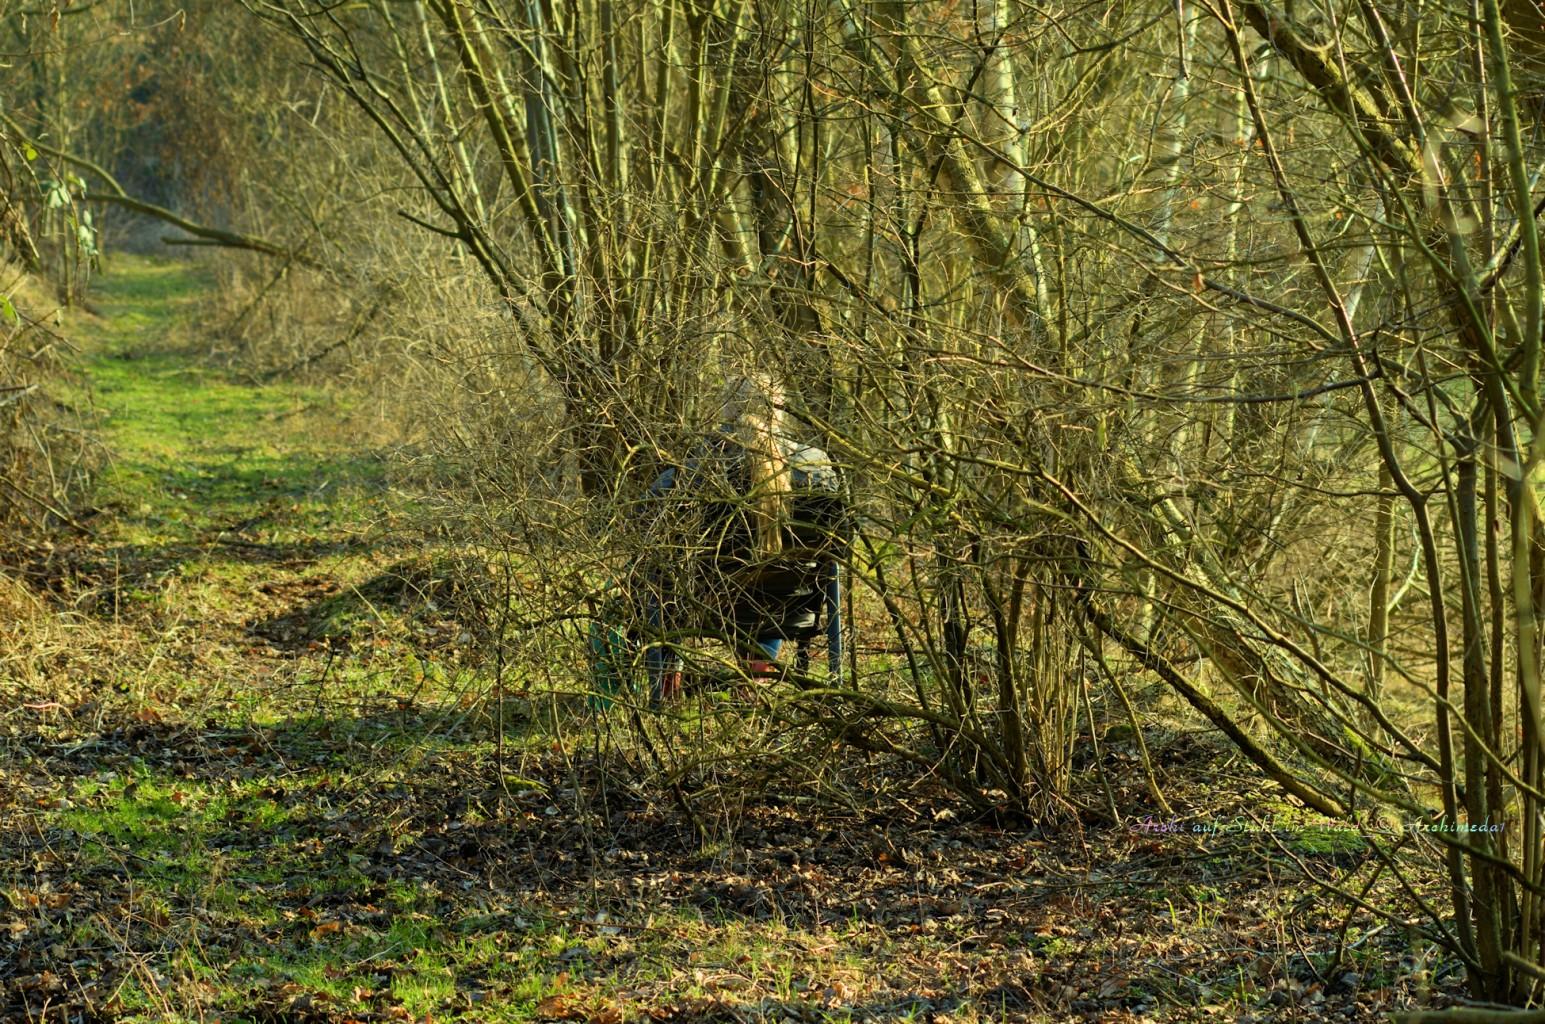 Archi auf Stuhl im Wald_© Archimeda1